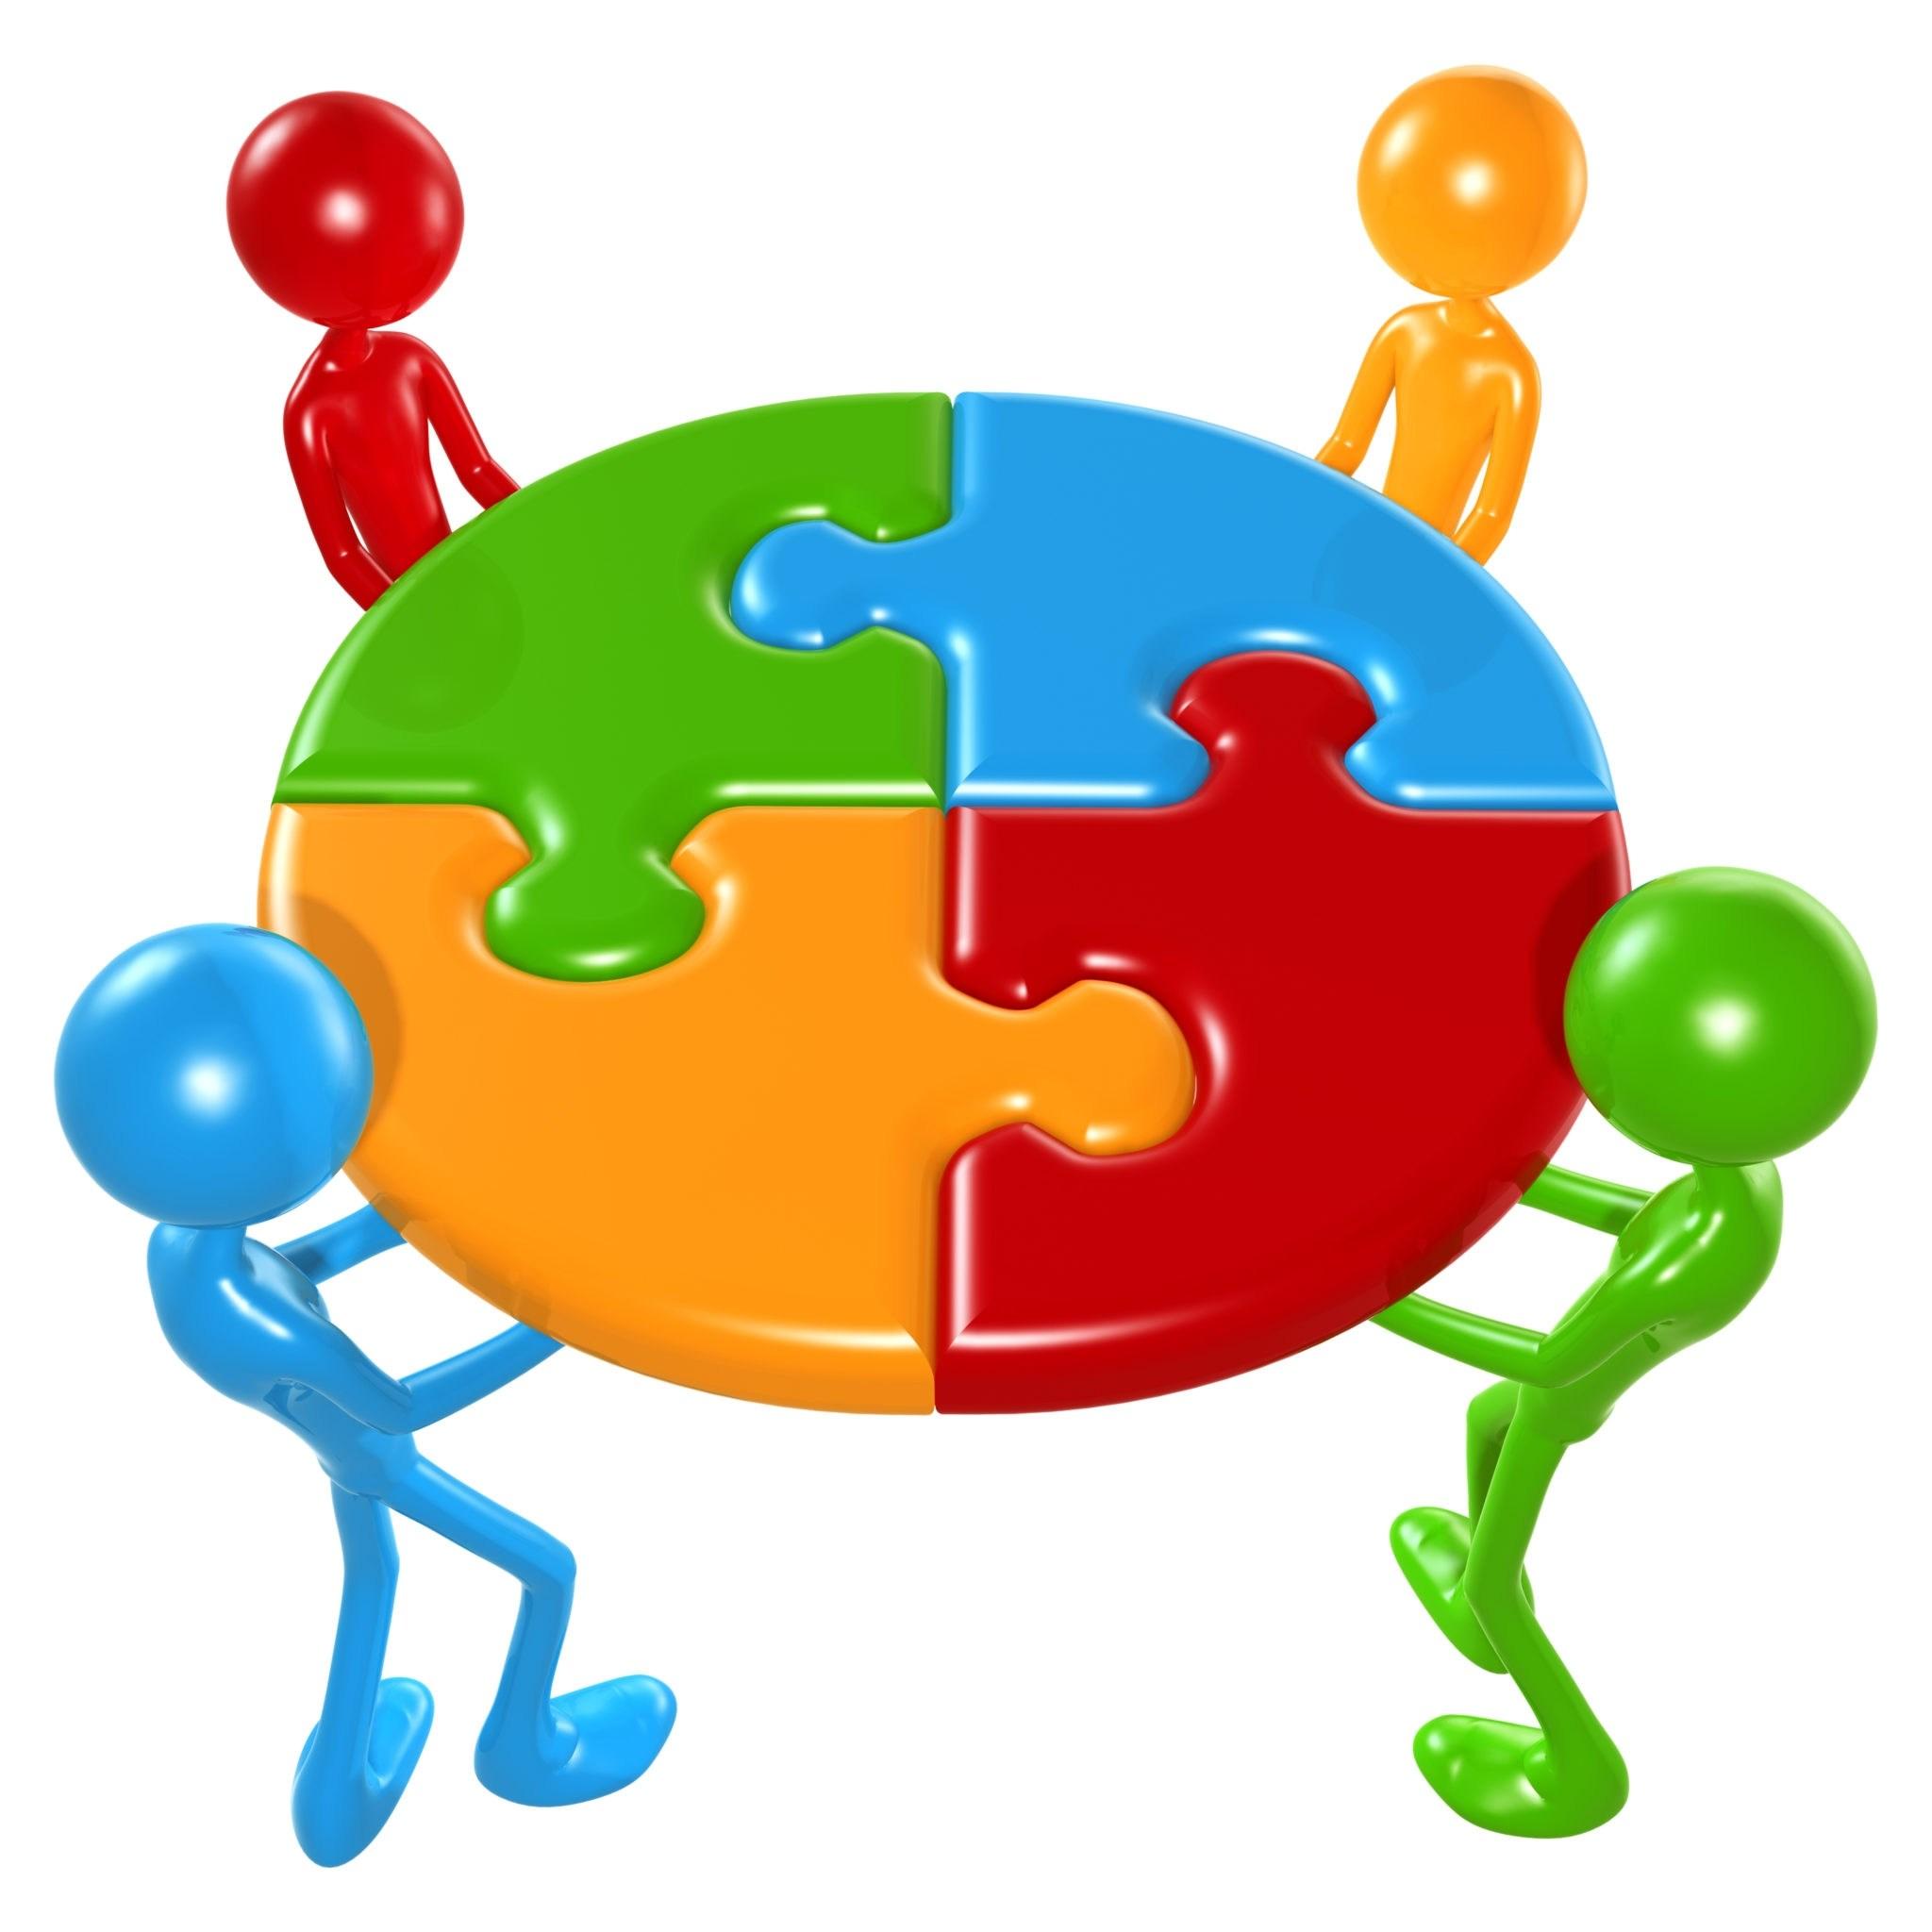 X free clip art. Teamwork clipart team dynamics